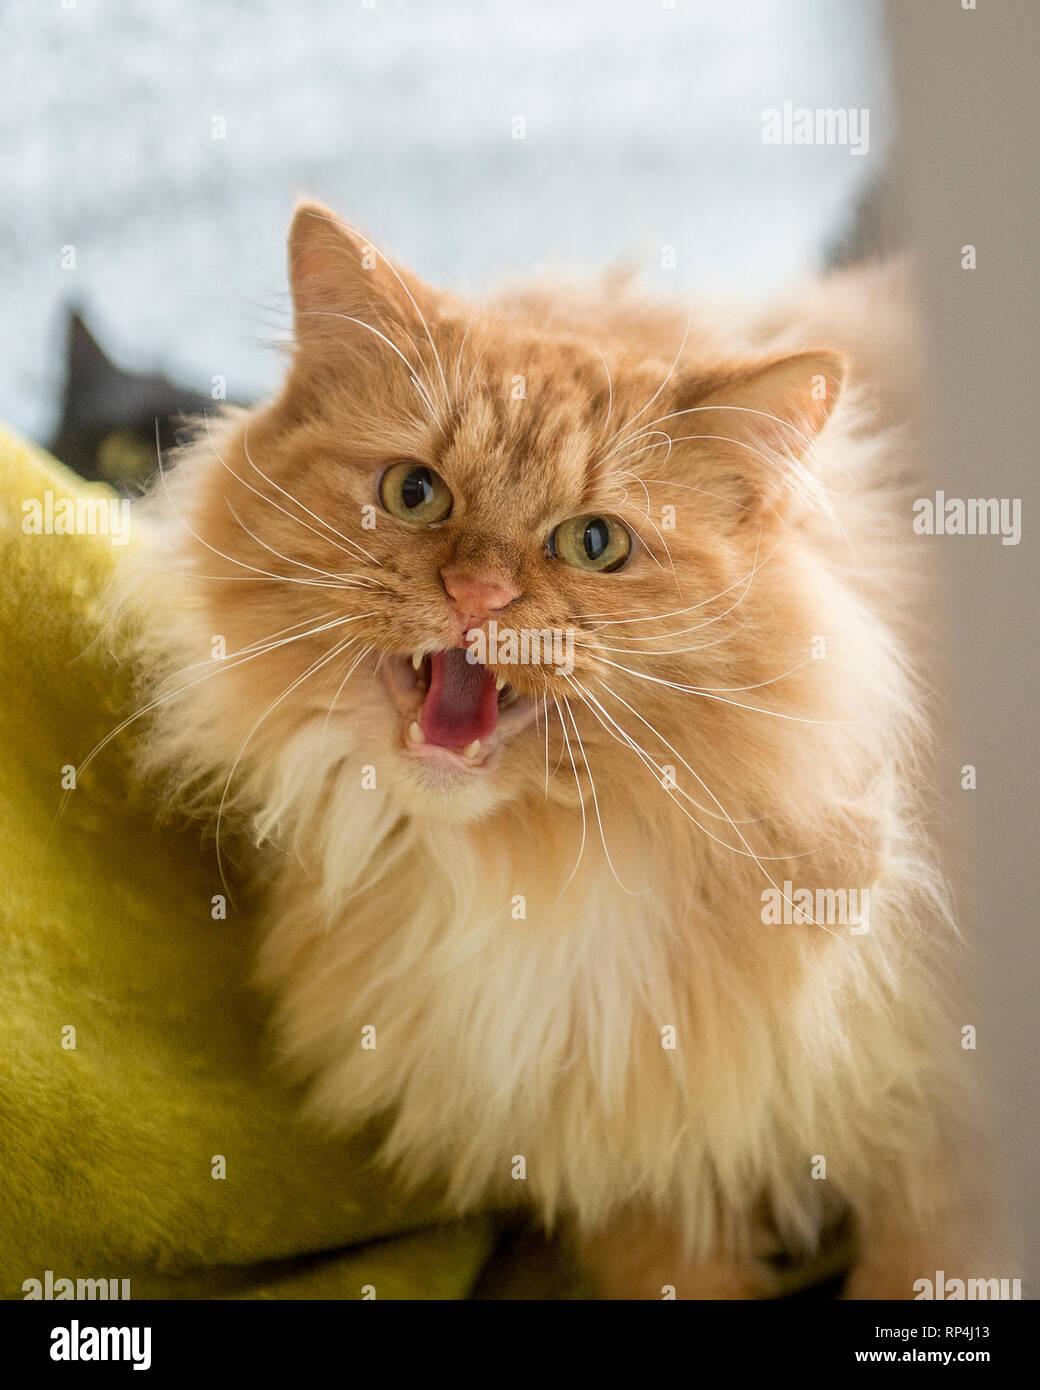 angry cat hissing at camera - Stock Image